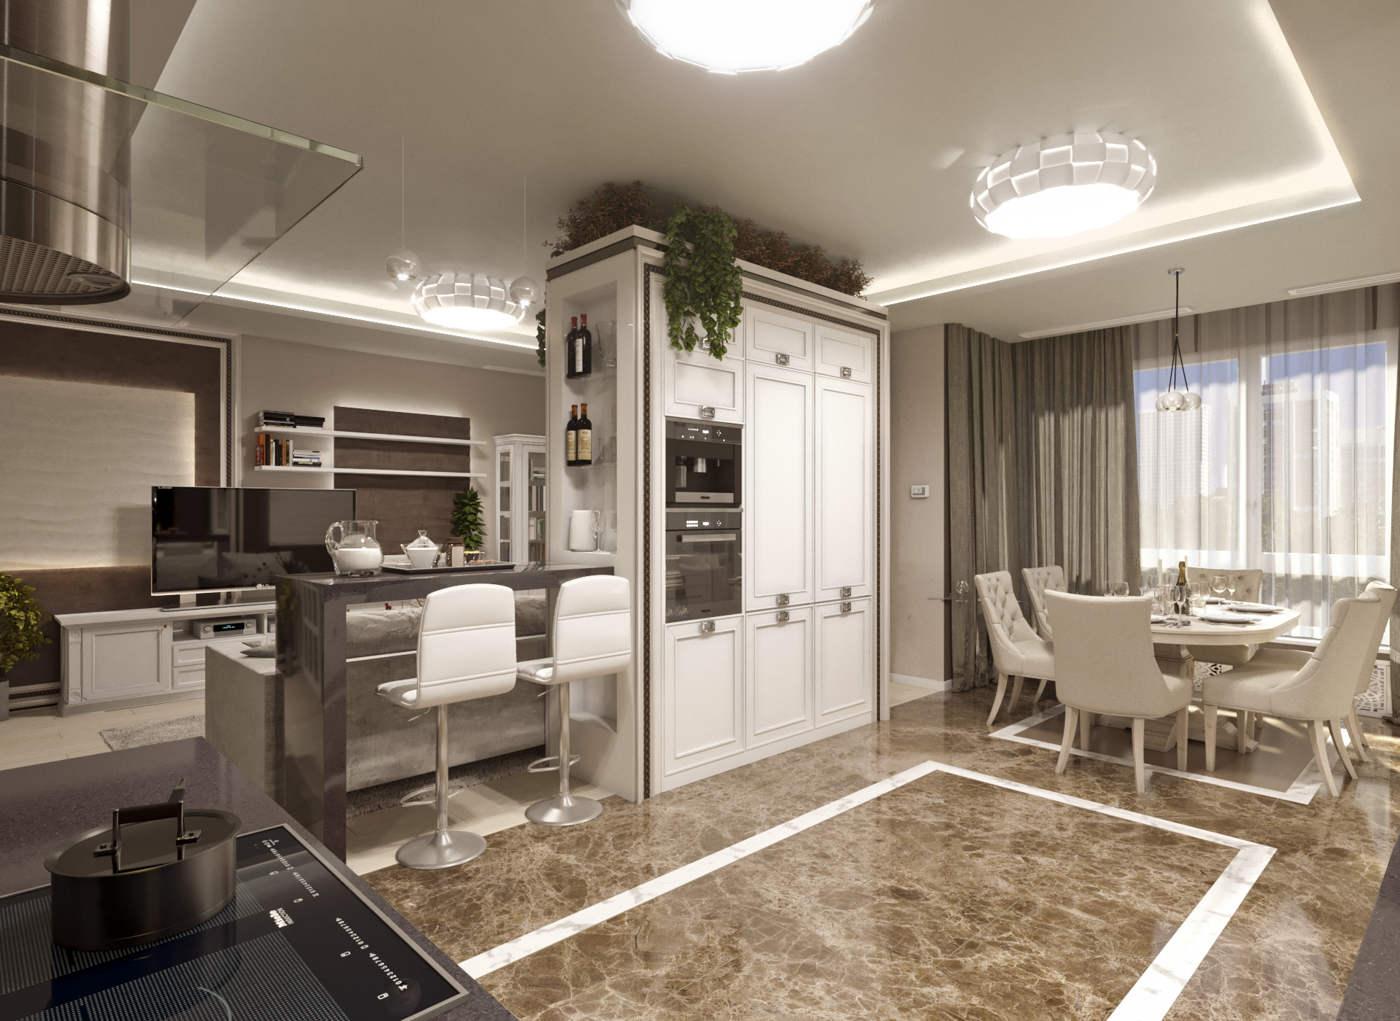 Дизайн кухни в квартире Киев легкая класика, модерн, фасады деревянные белые, темный пол